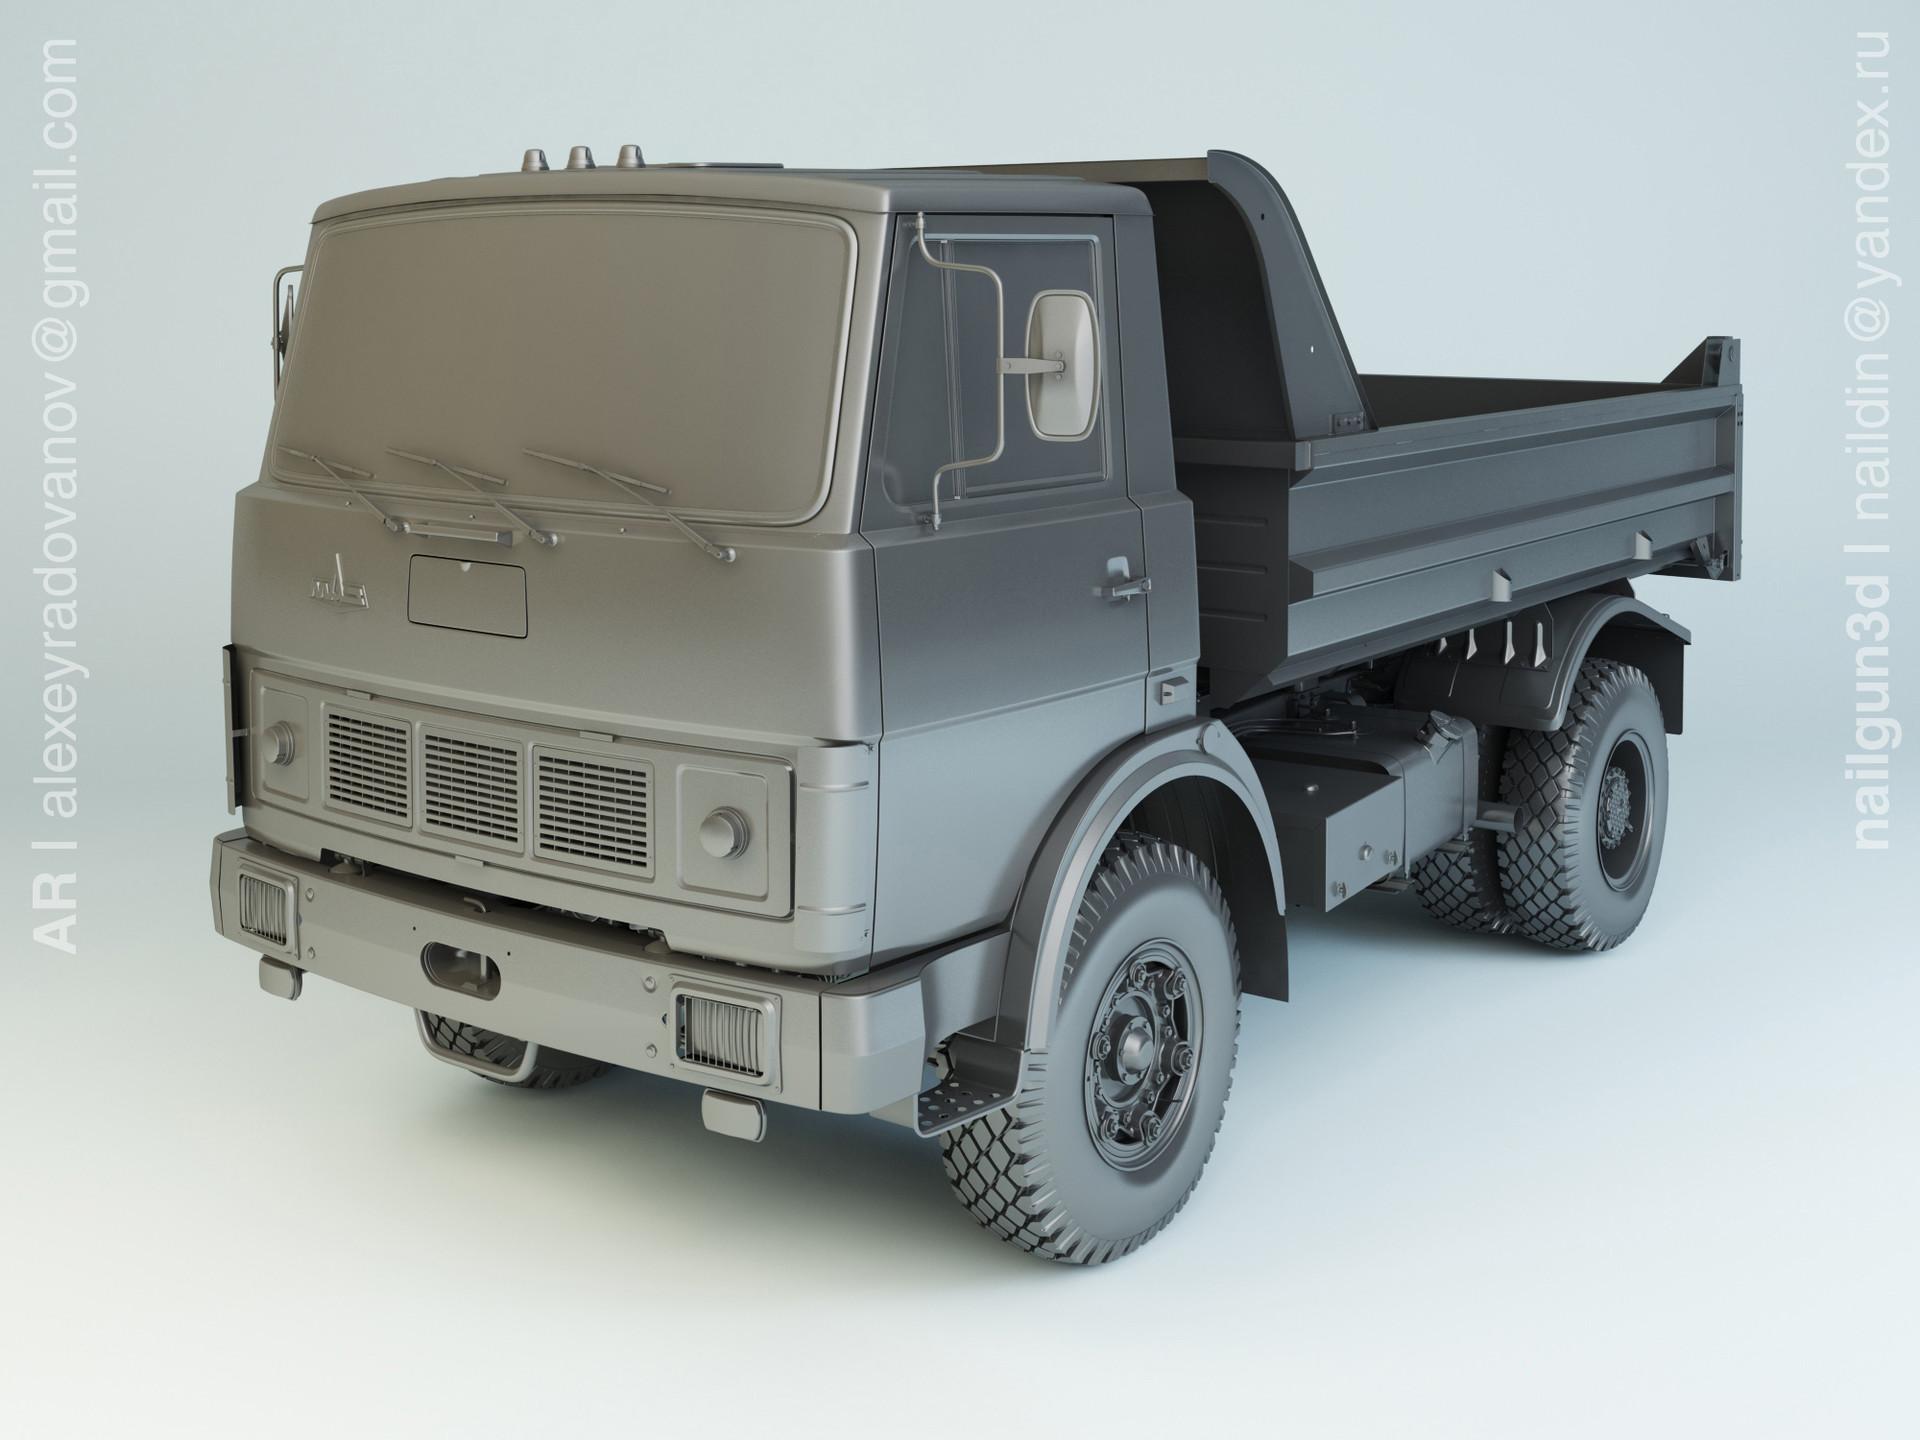 Nail khusnutdinov alg 031 002 maz 5551 modelling 0